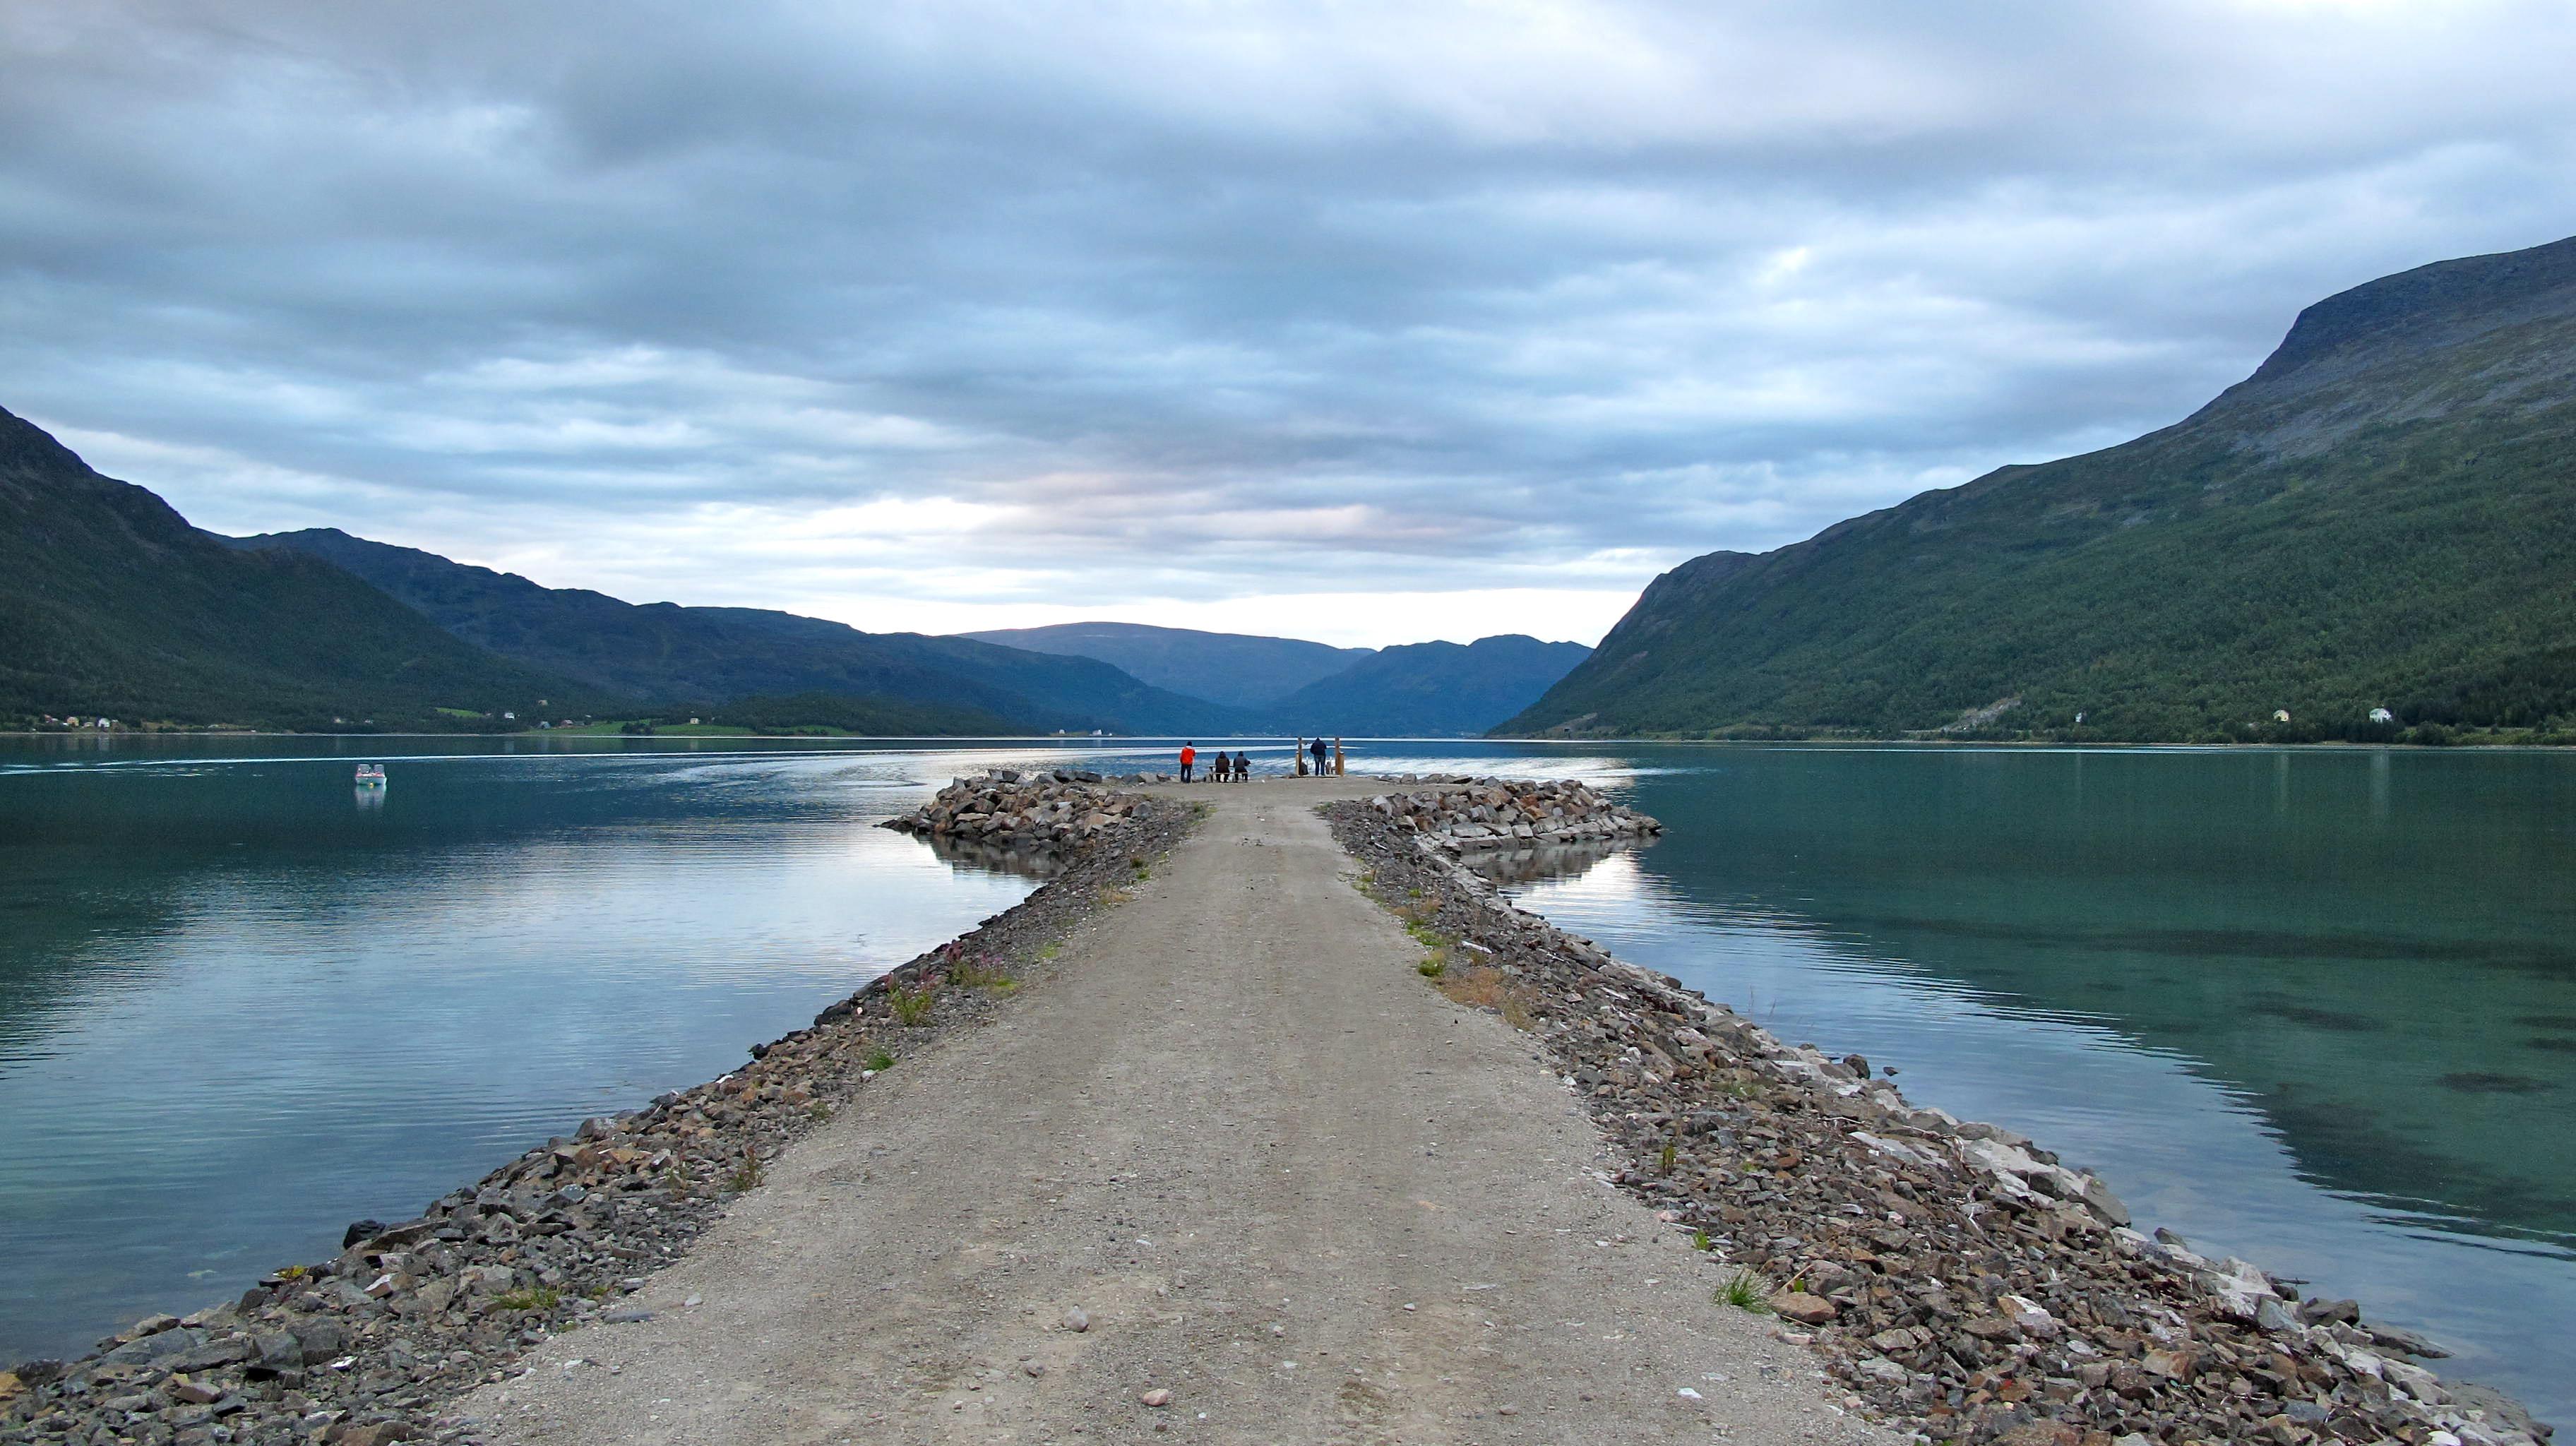 Viaje: Las 4 Laponias y Cabo Norte; Noruega, Suecia, Finlandia y Rusia Categoría: Tu fotaza Descripción: Esta es sin duda mi foto favorita del viaje. La he impreso en tamaño 50X70cm y enmarcada descansa sobre la pared de mi habitación. Cada día al verla me transmite una calma maravillosa y me recuerda uno de los mejores viajes que he realizado. Esta foto la tomé en algún lugar cerca de Kafjord. De camino entre Alta y Oksfjord en Noruega. Para ese entonces, ya habíamos visitado el museo rupestre de Hjemmeluft e instalados en nuestras cabañas preparábamos una magnífica barbacoa de carne, pescado y verduras. En la foto se pueden distinguir múltiples tonos de verdes y azules. Al final del camino, se ven cuatro personas pescando en compañía de un perro.